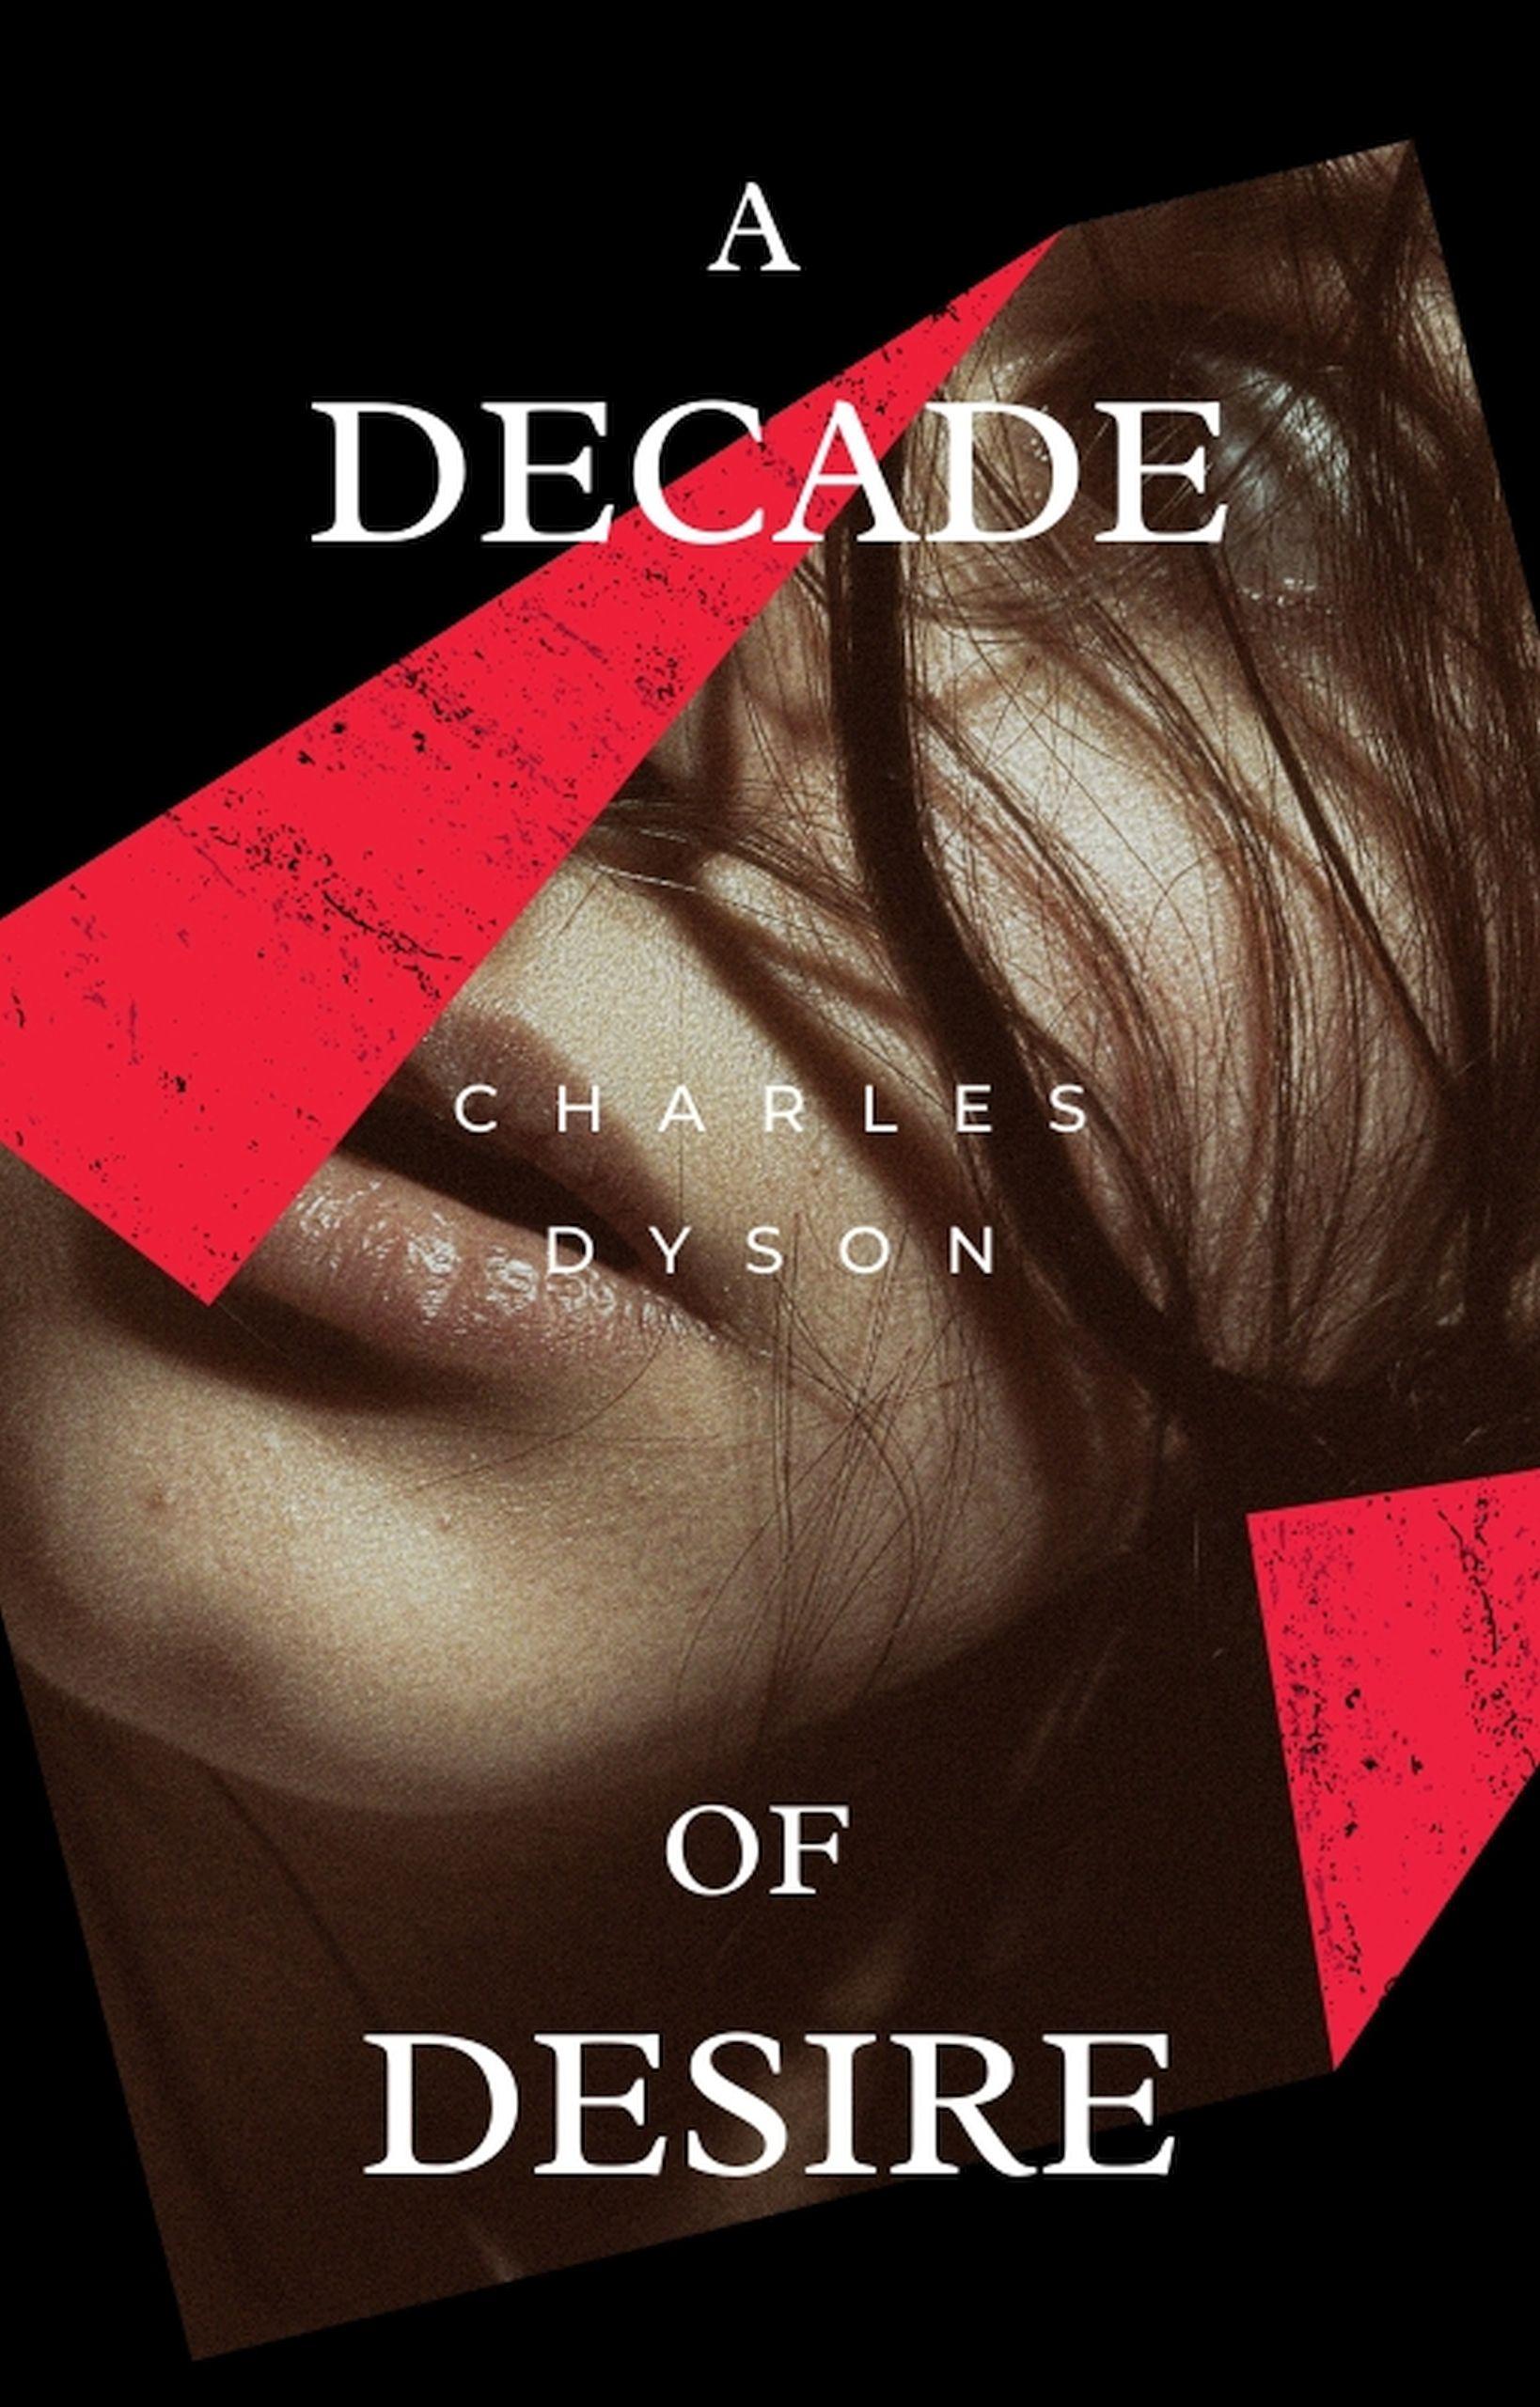 A Decade of Desire's Ebook Image